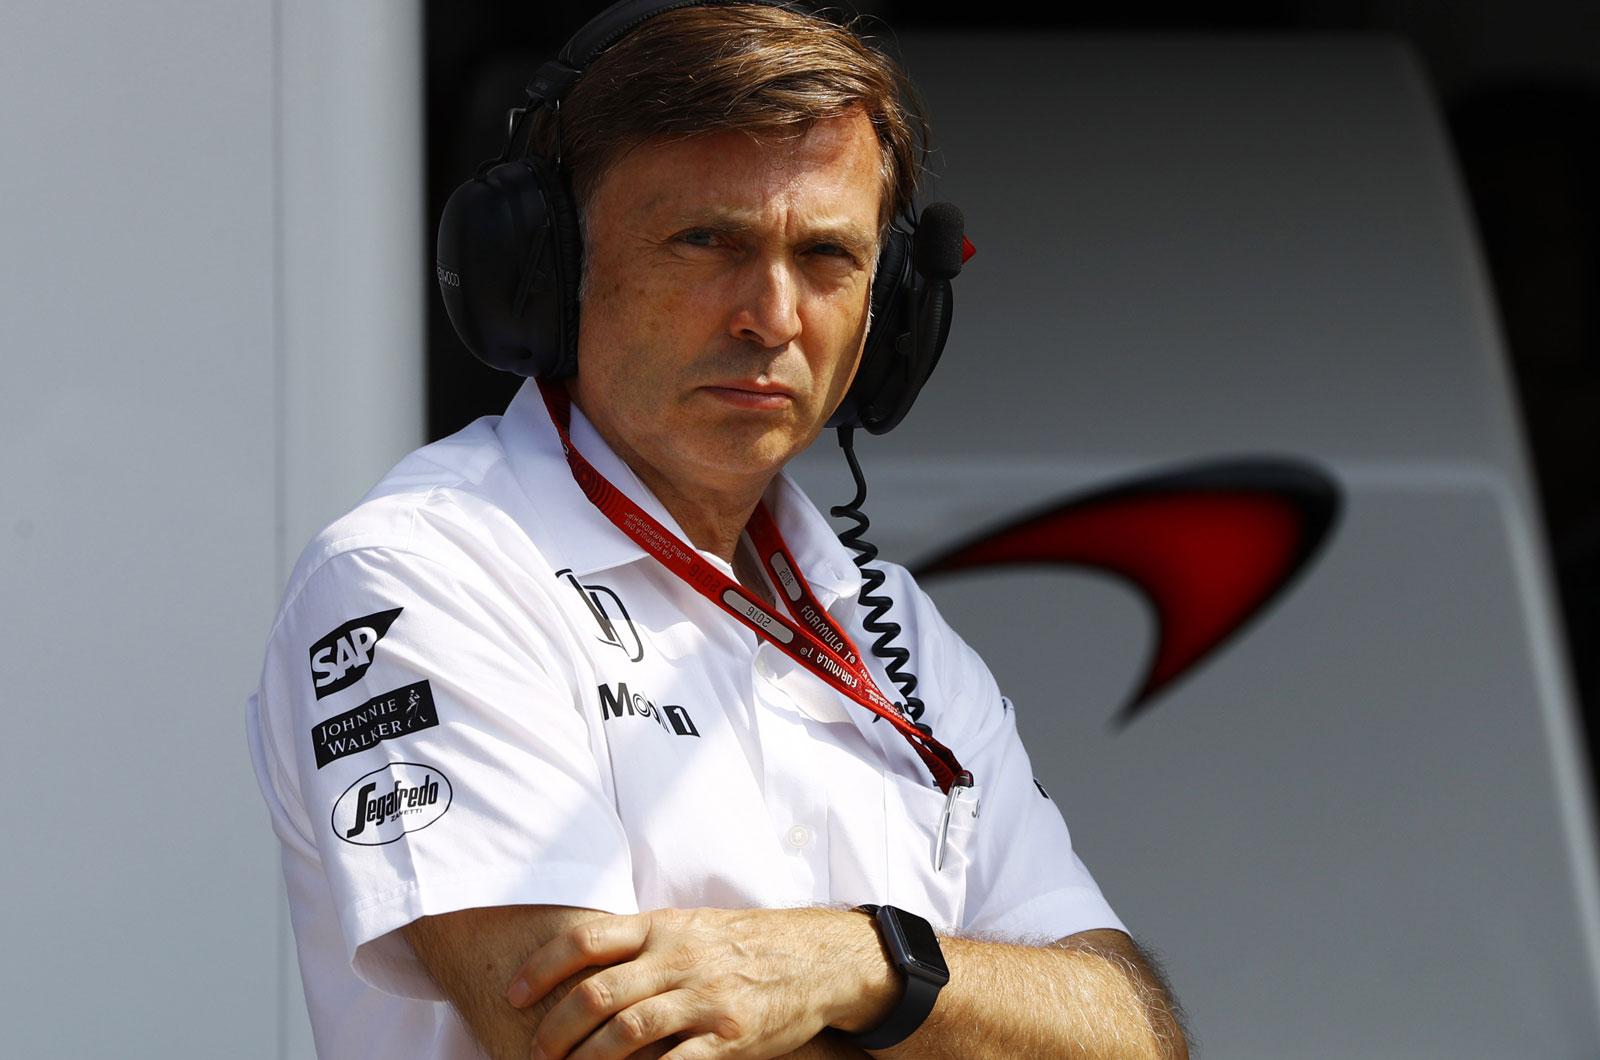 Экс-чемпион McLaren Racing Хост Капито присоединился к Volkswagen R